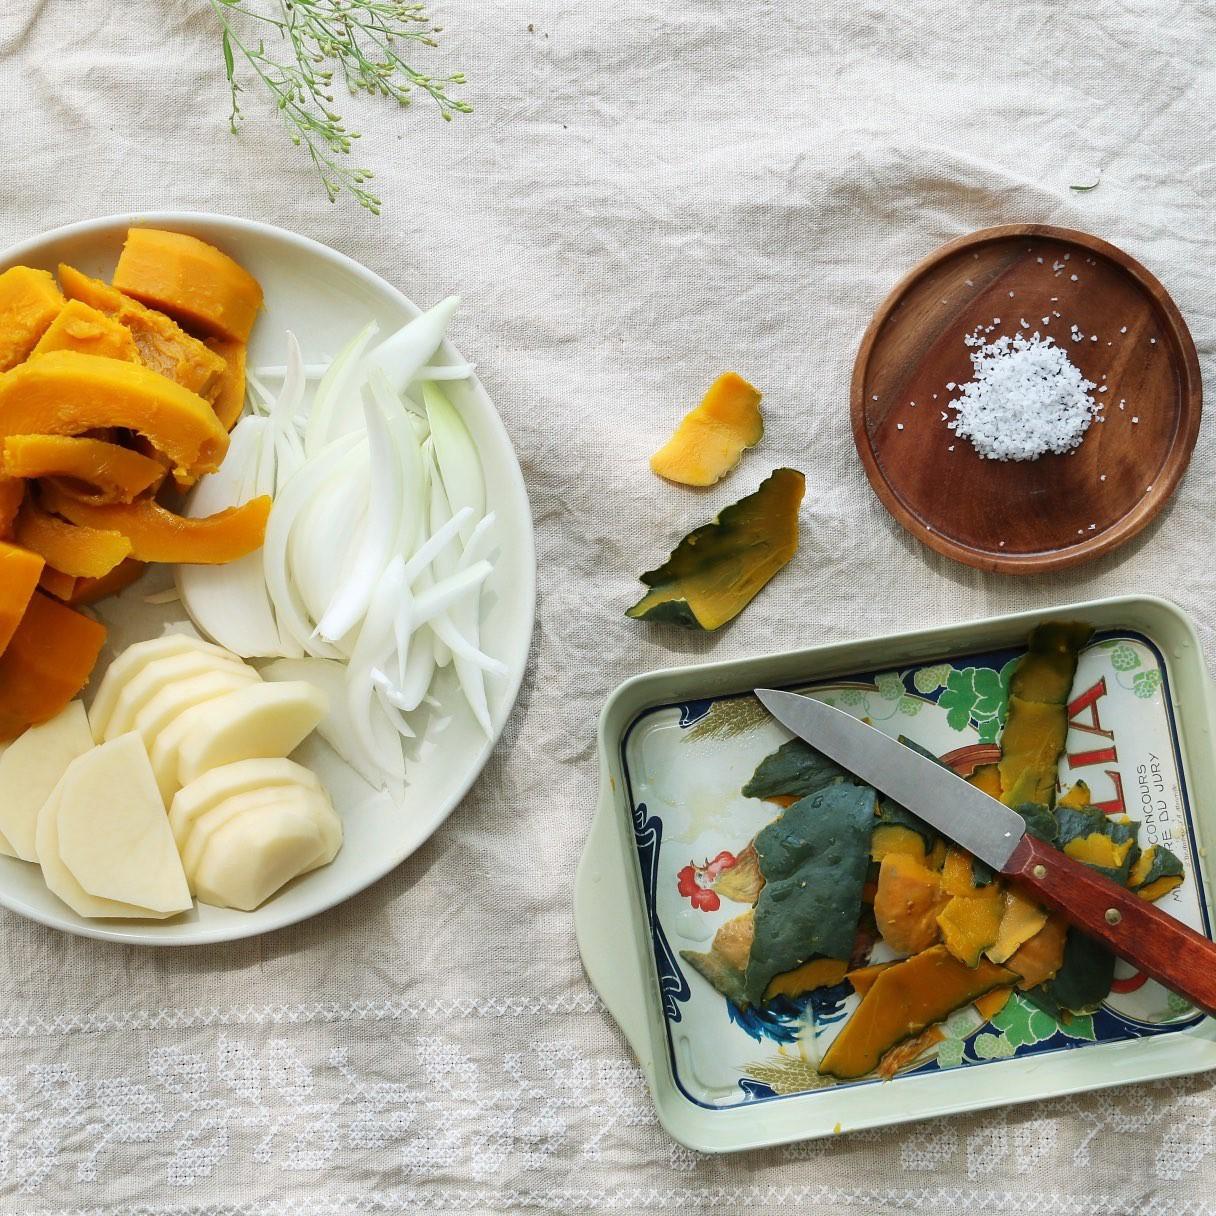 Bạn hãy thêm ngay công thức món súp này vào thực đơn gia đình vì các lợi ích cho sức khỏe nó mang lại - Ảnh 2